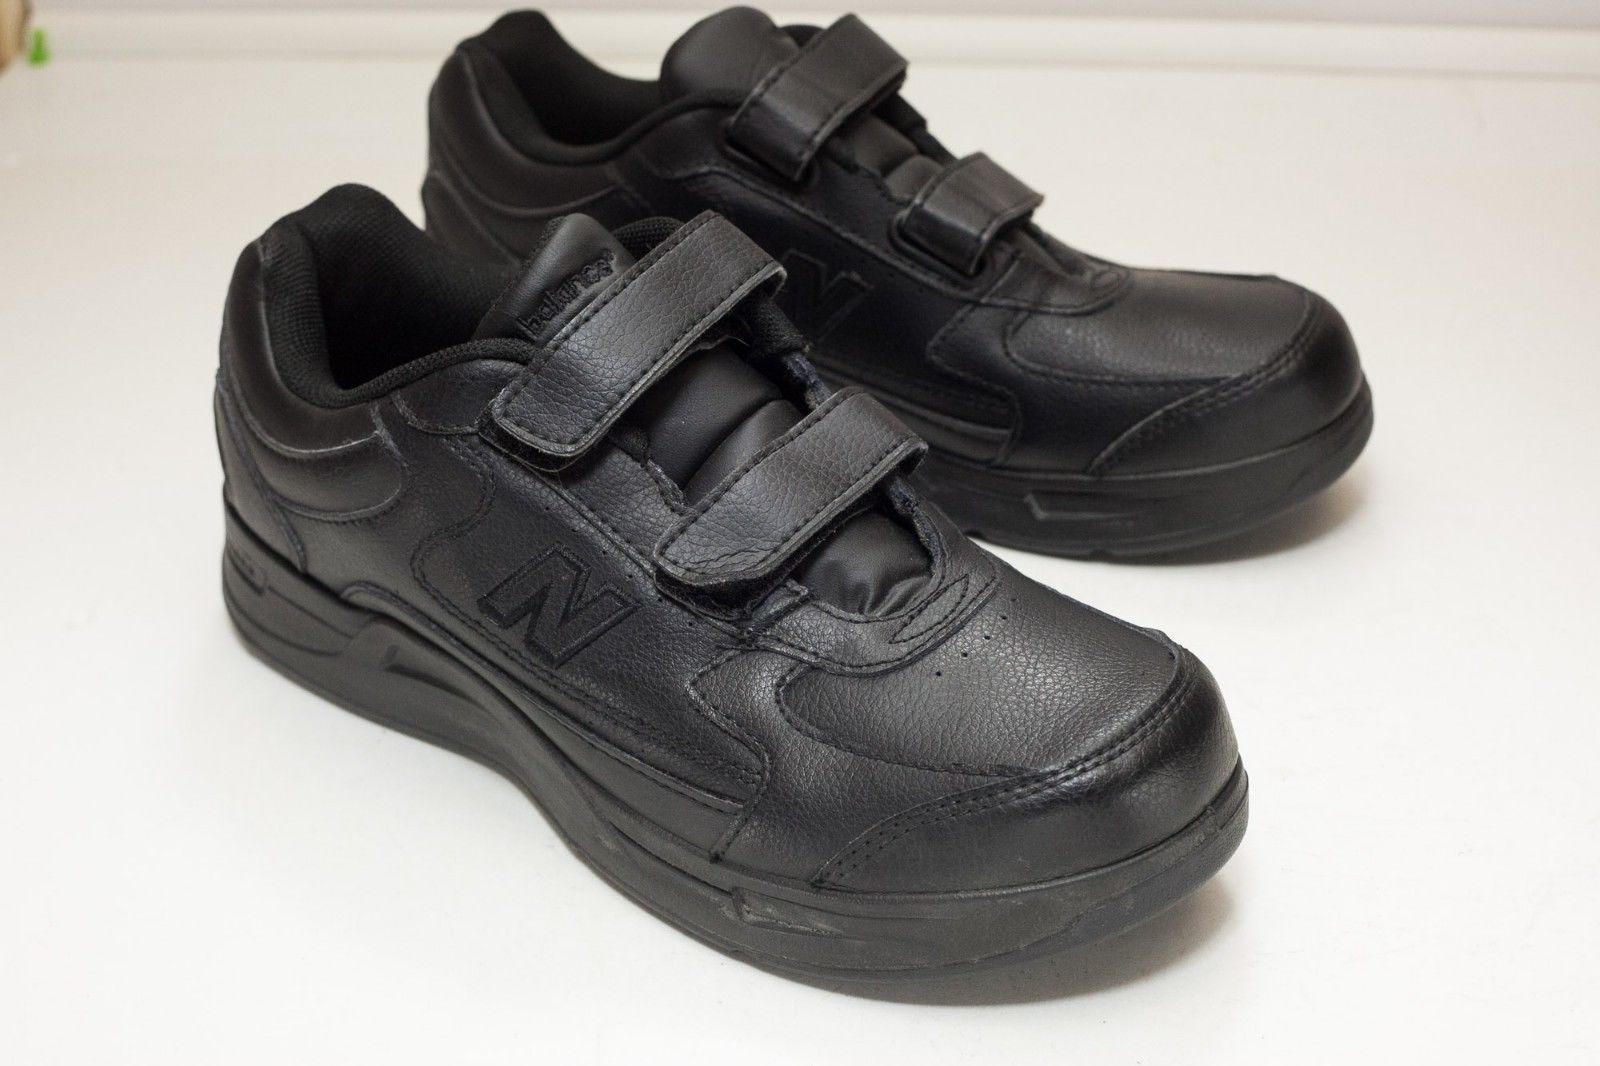 New Balance 8 Black Walking Shoe Men's